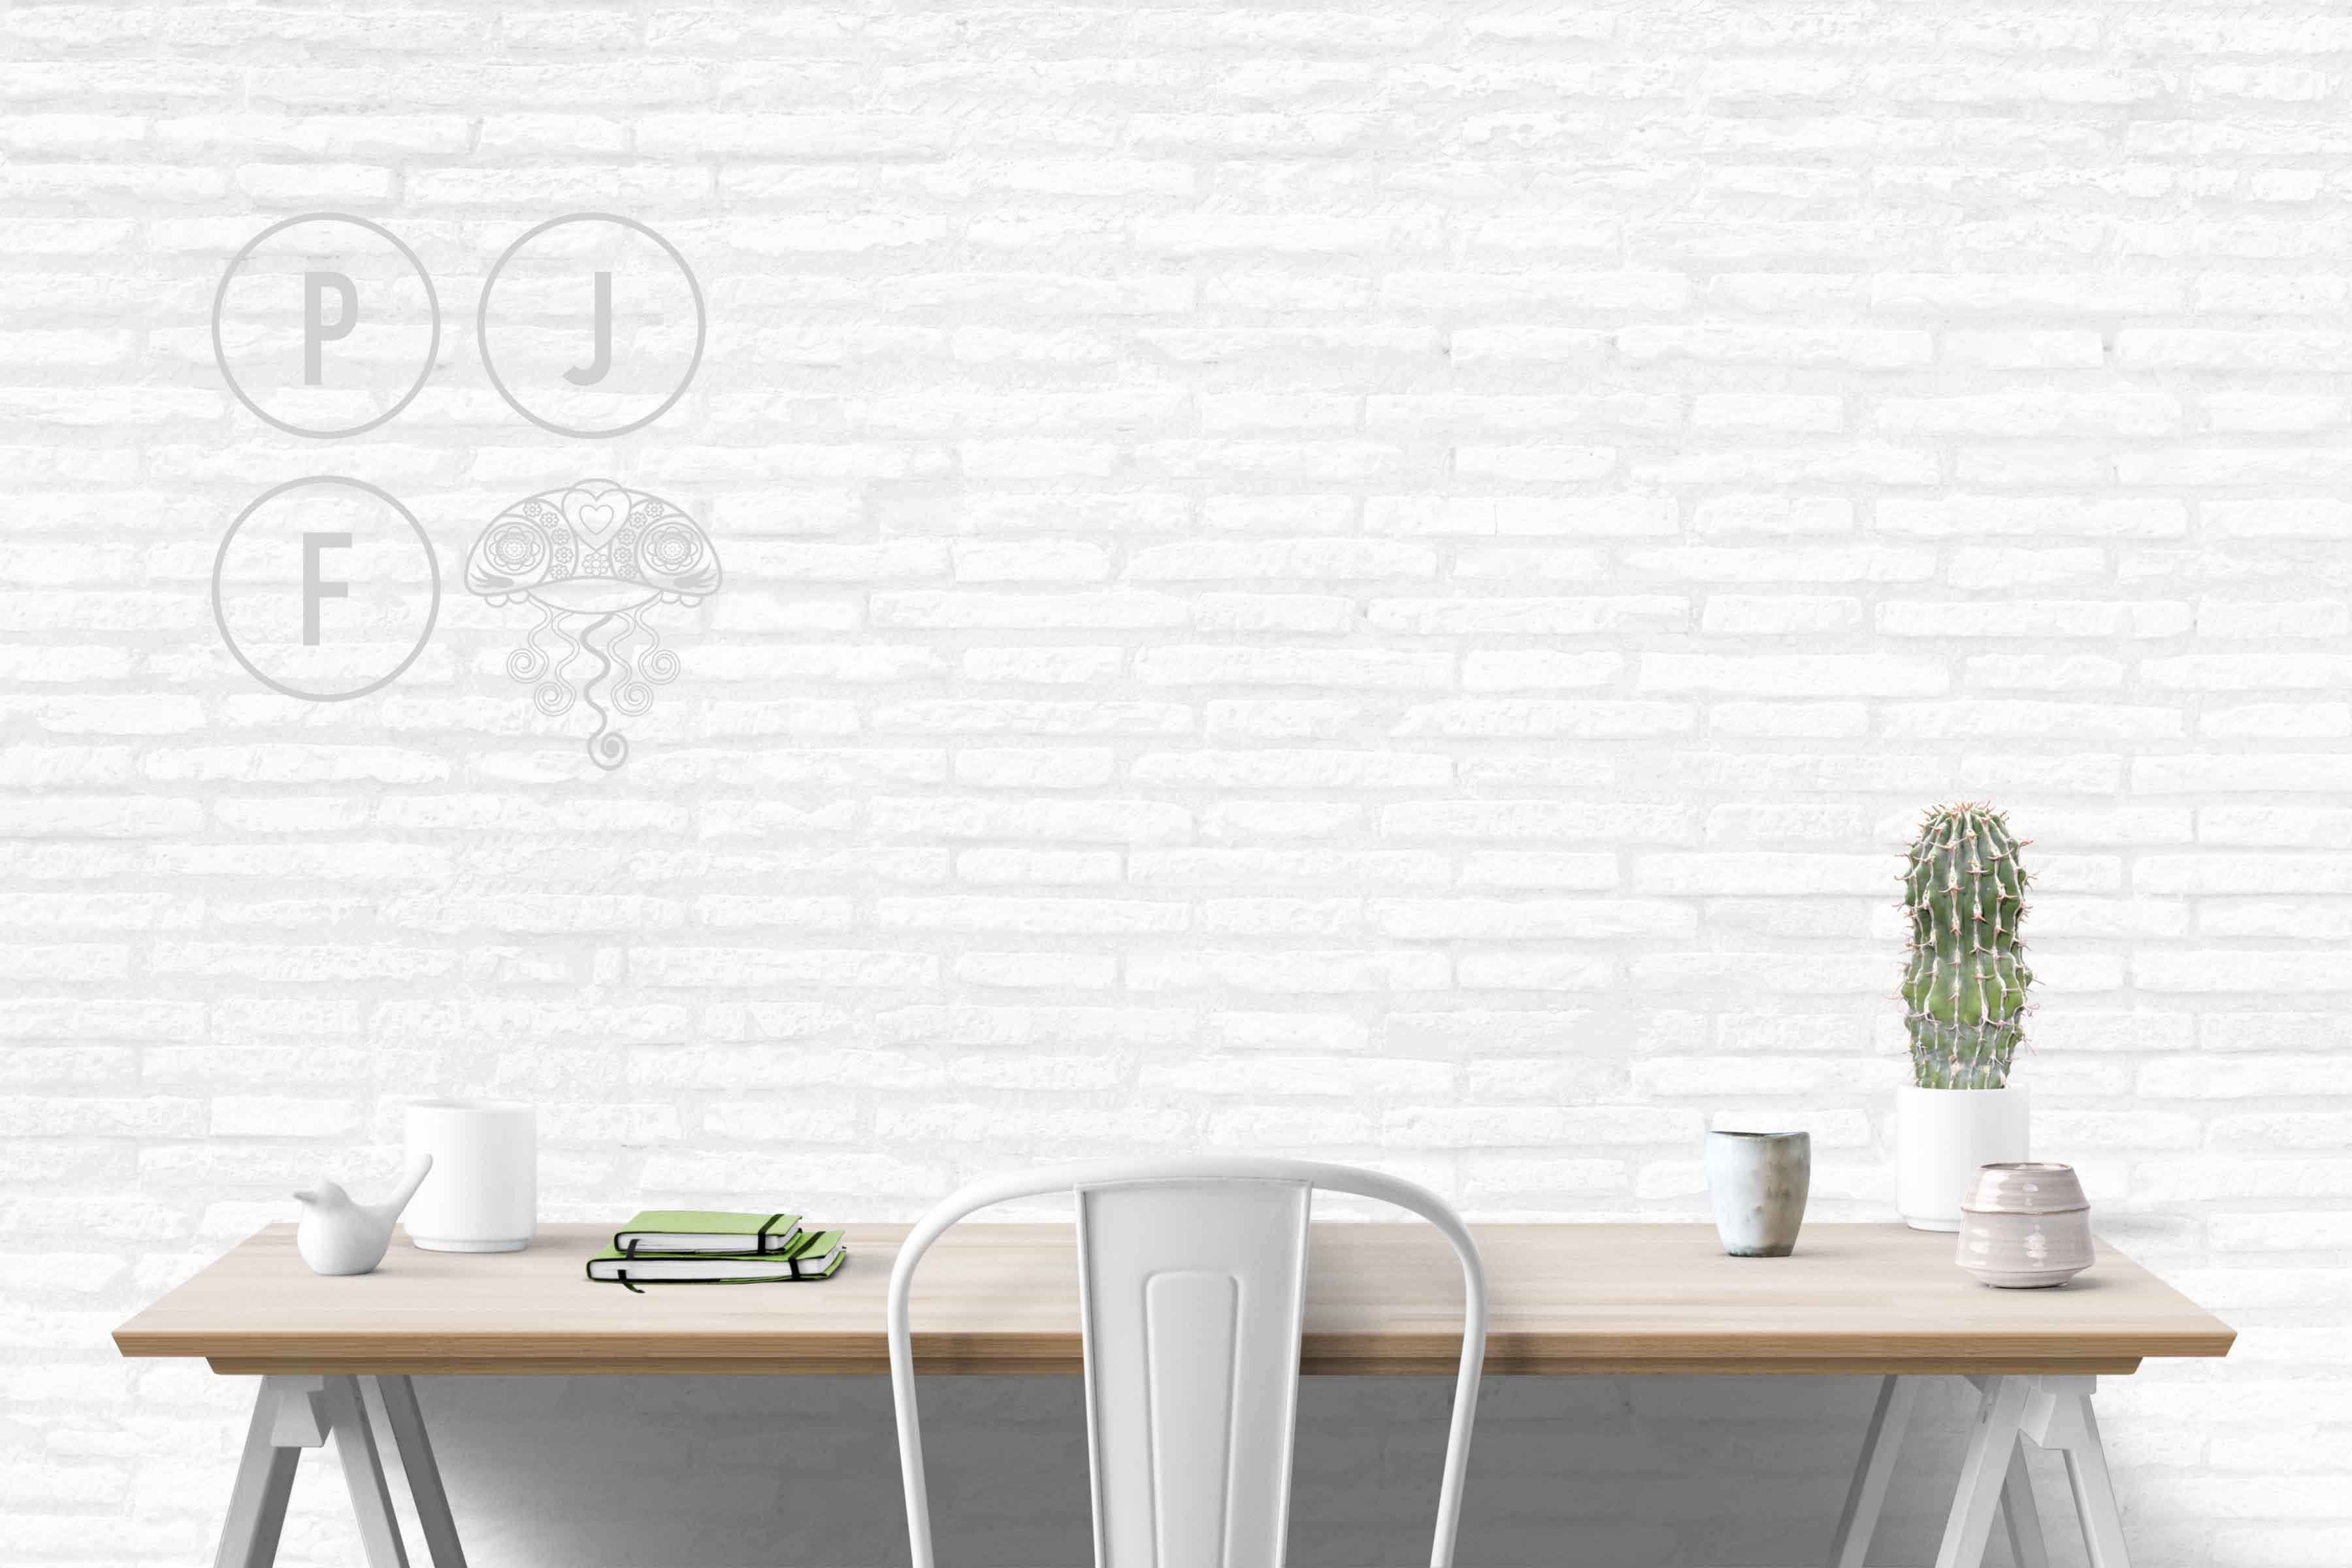 wall mockup, interior wall, desk mockup, blank wall mockup example image 5